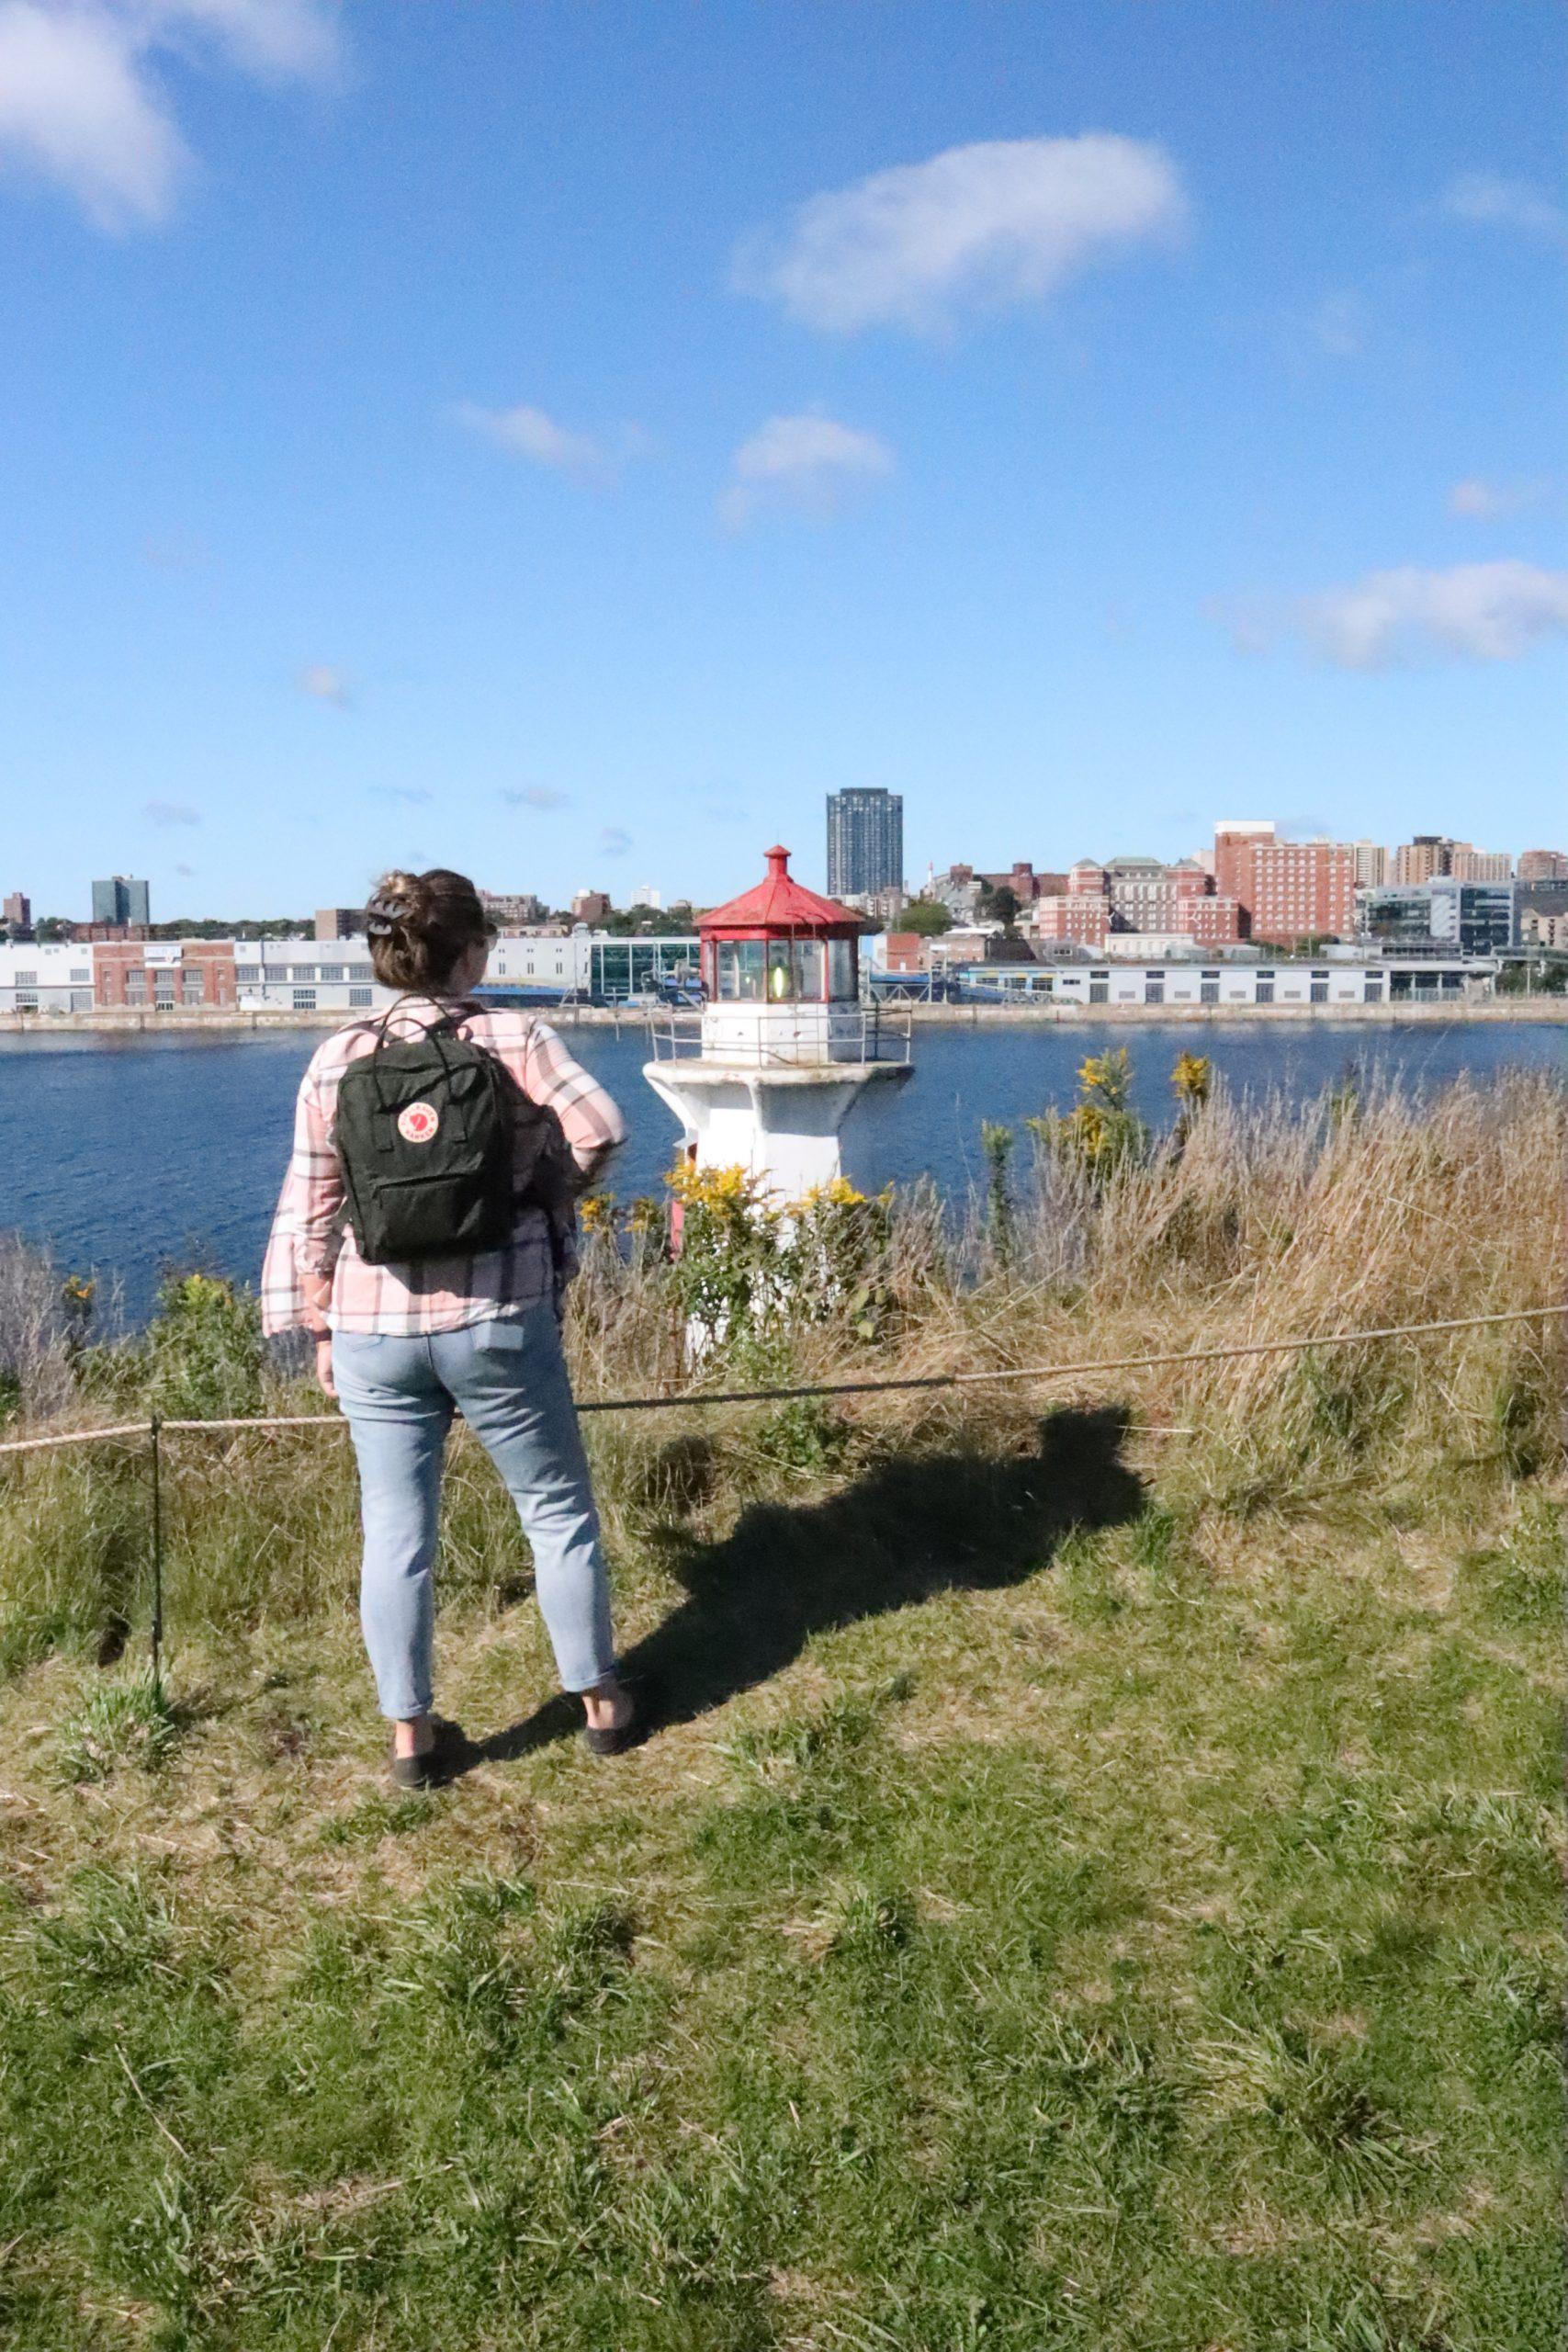 Halifax Waterfront Activities